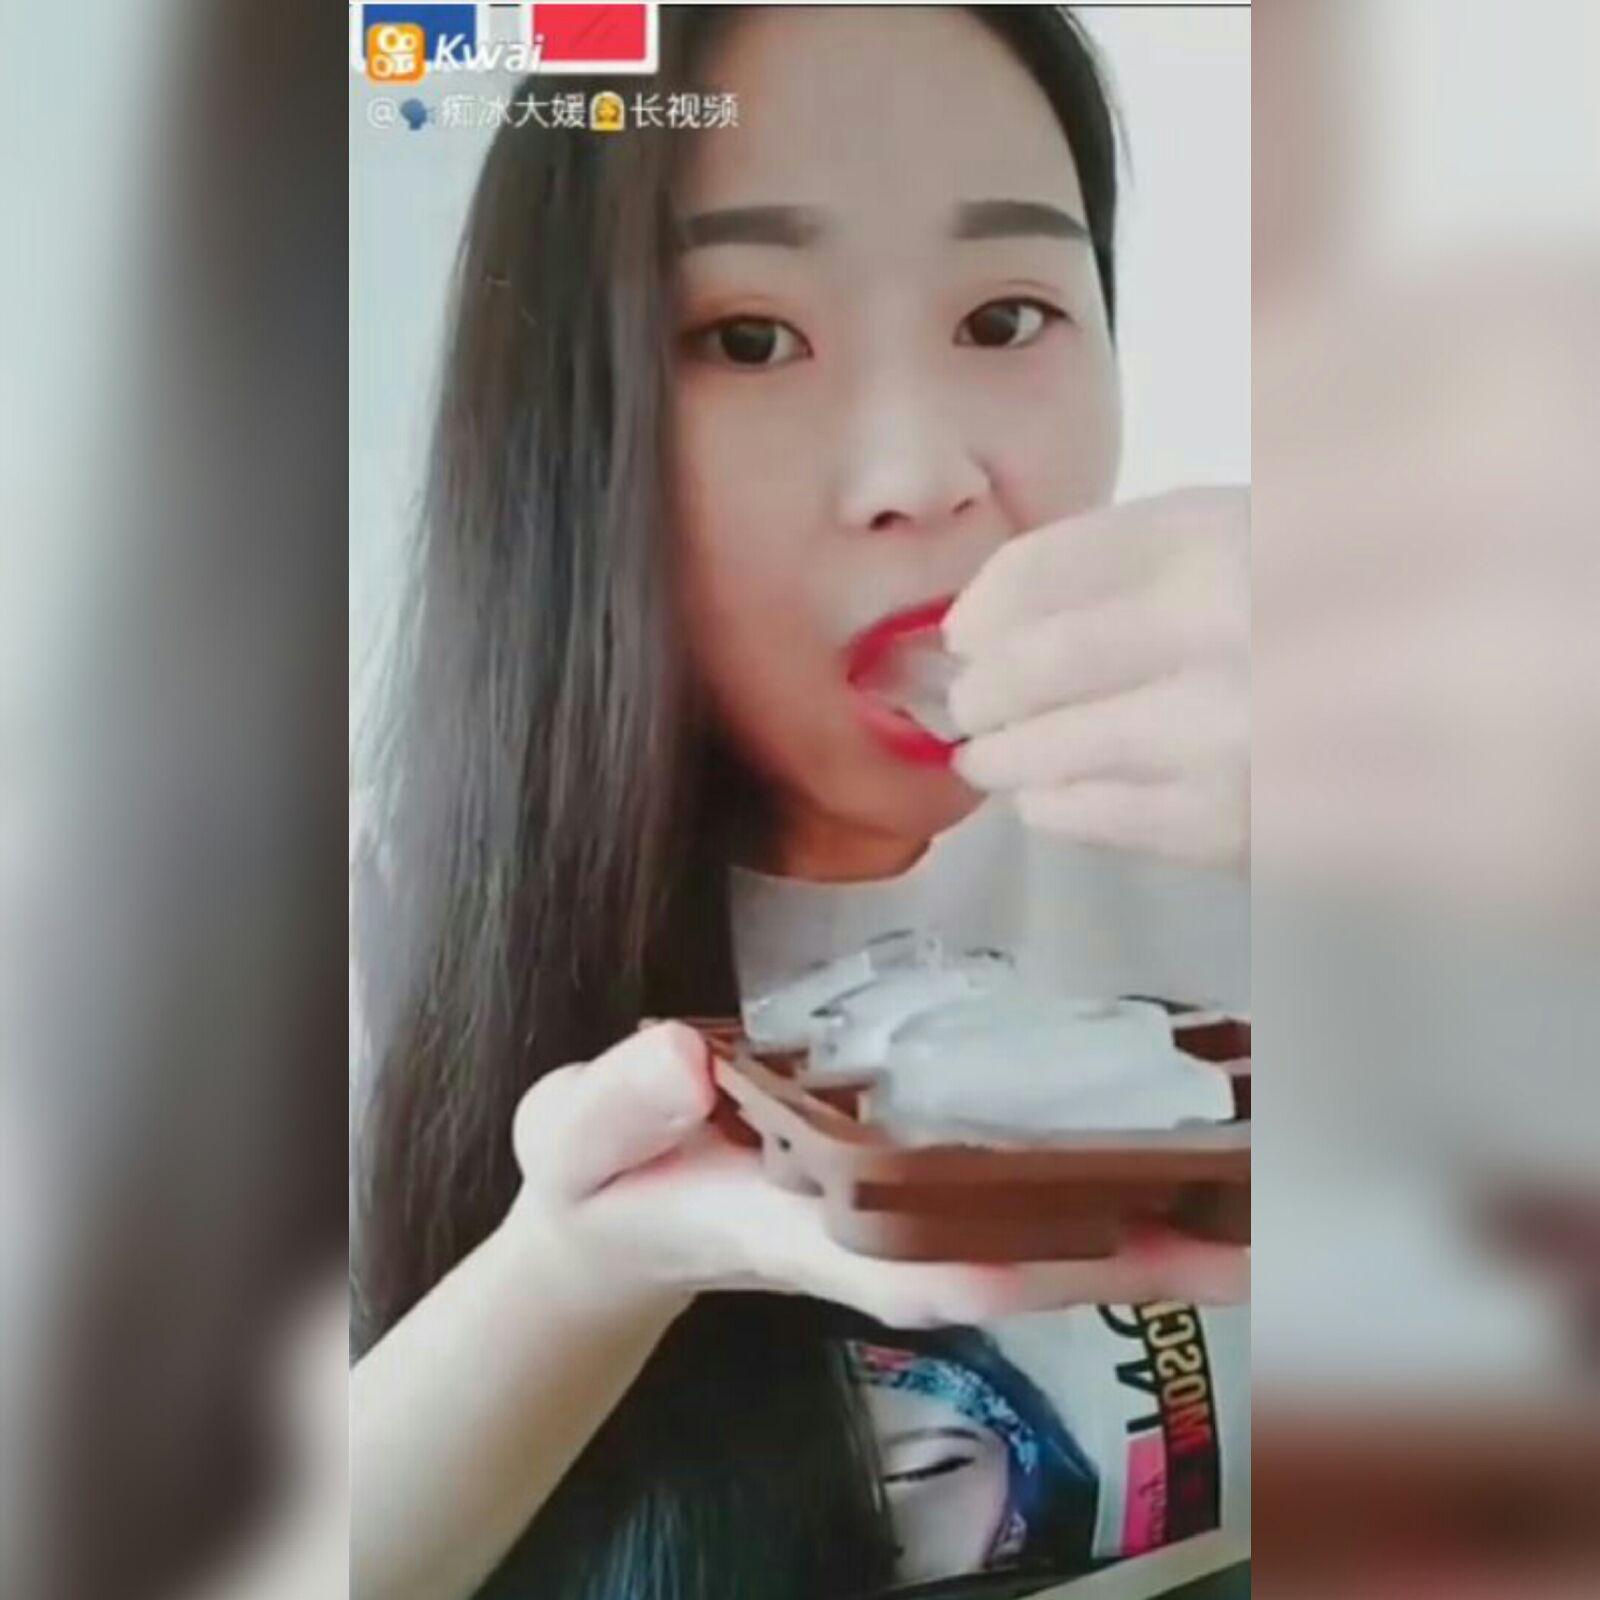 Los chinos enloquecen por verse en las redes sociales comiendo hielo